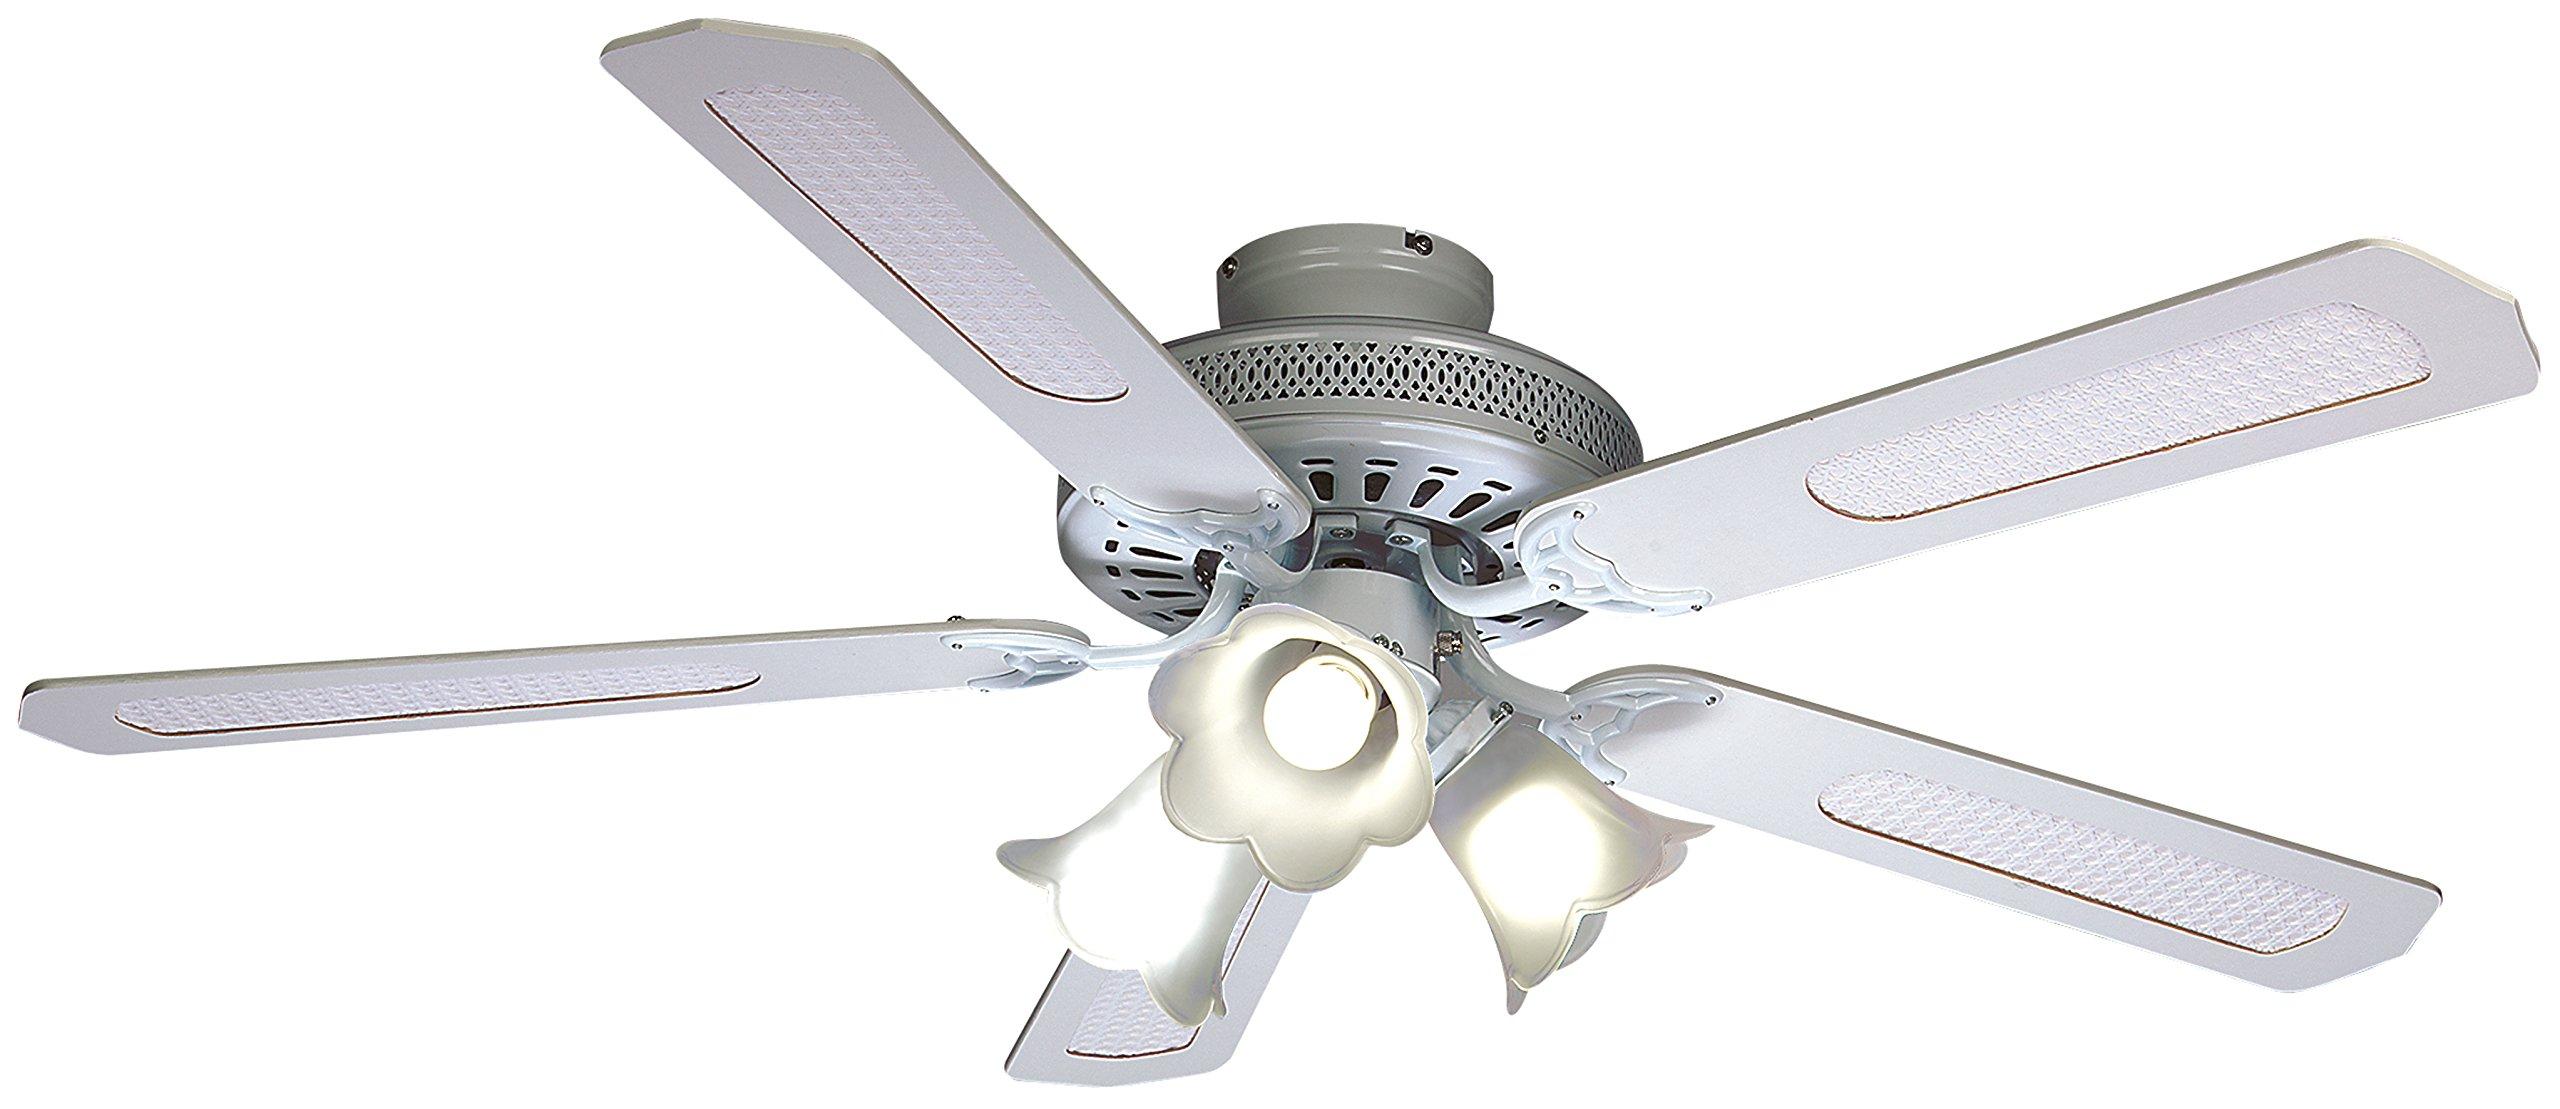 Farelek Baleares - Ventilador para techo (132 cm), color blanco: Amazon.es: Bricolaje y herramientas